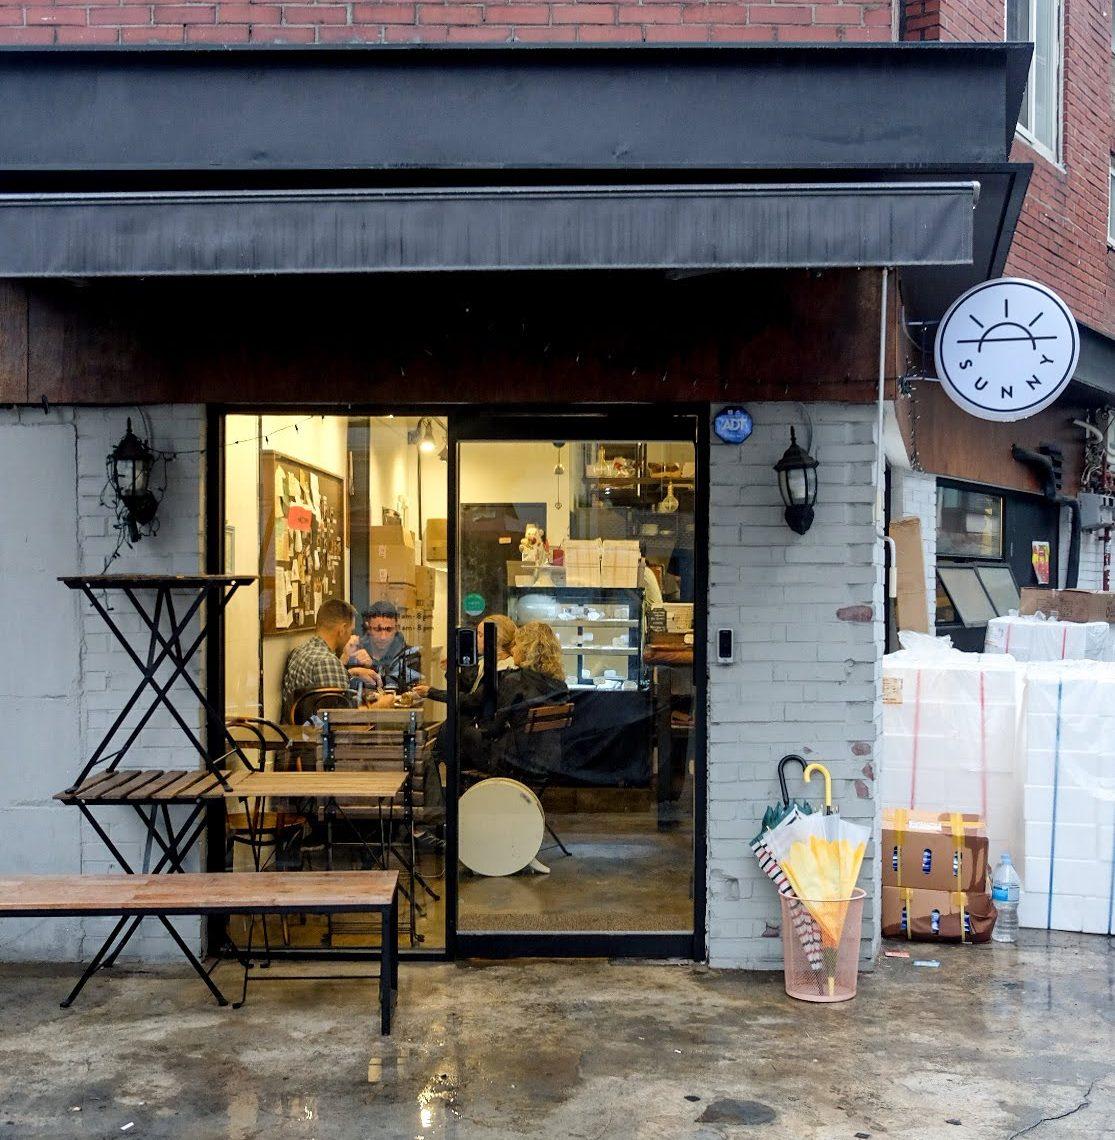 seoul-bakery-vegan-option-sunny-place